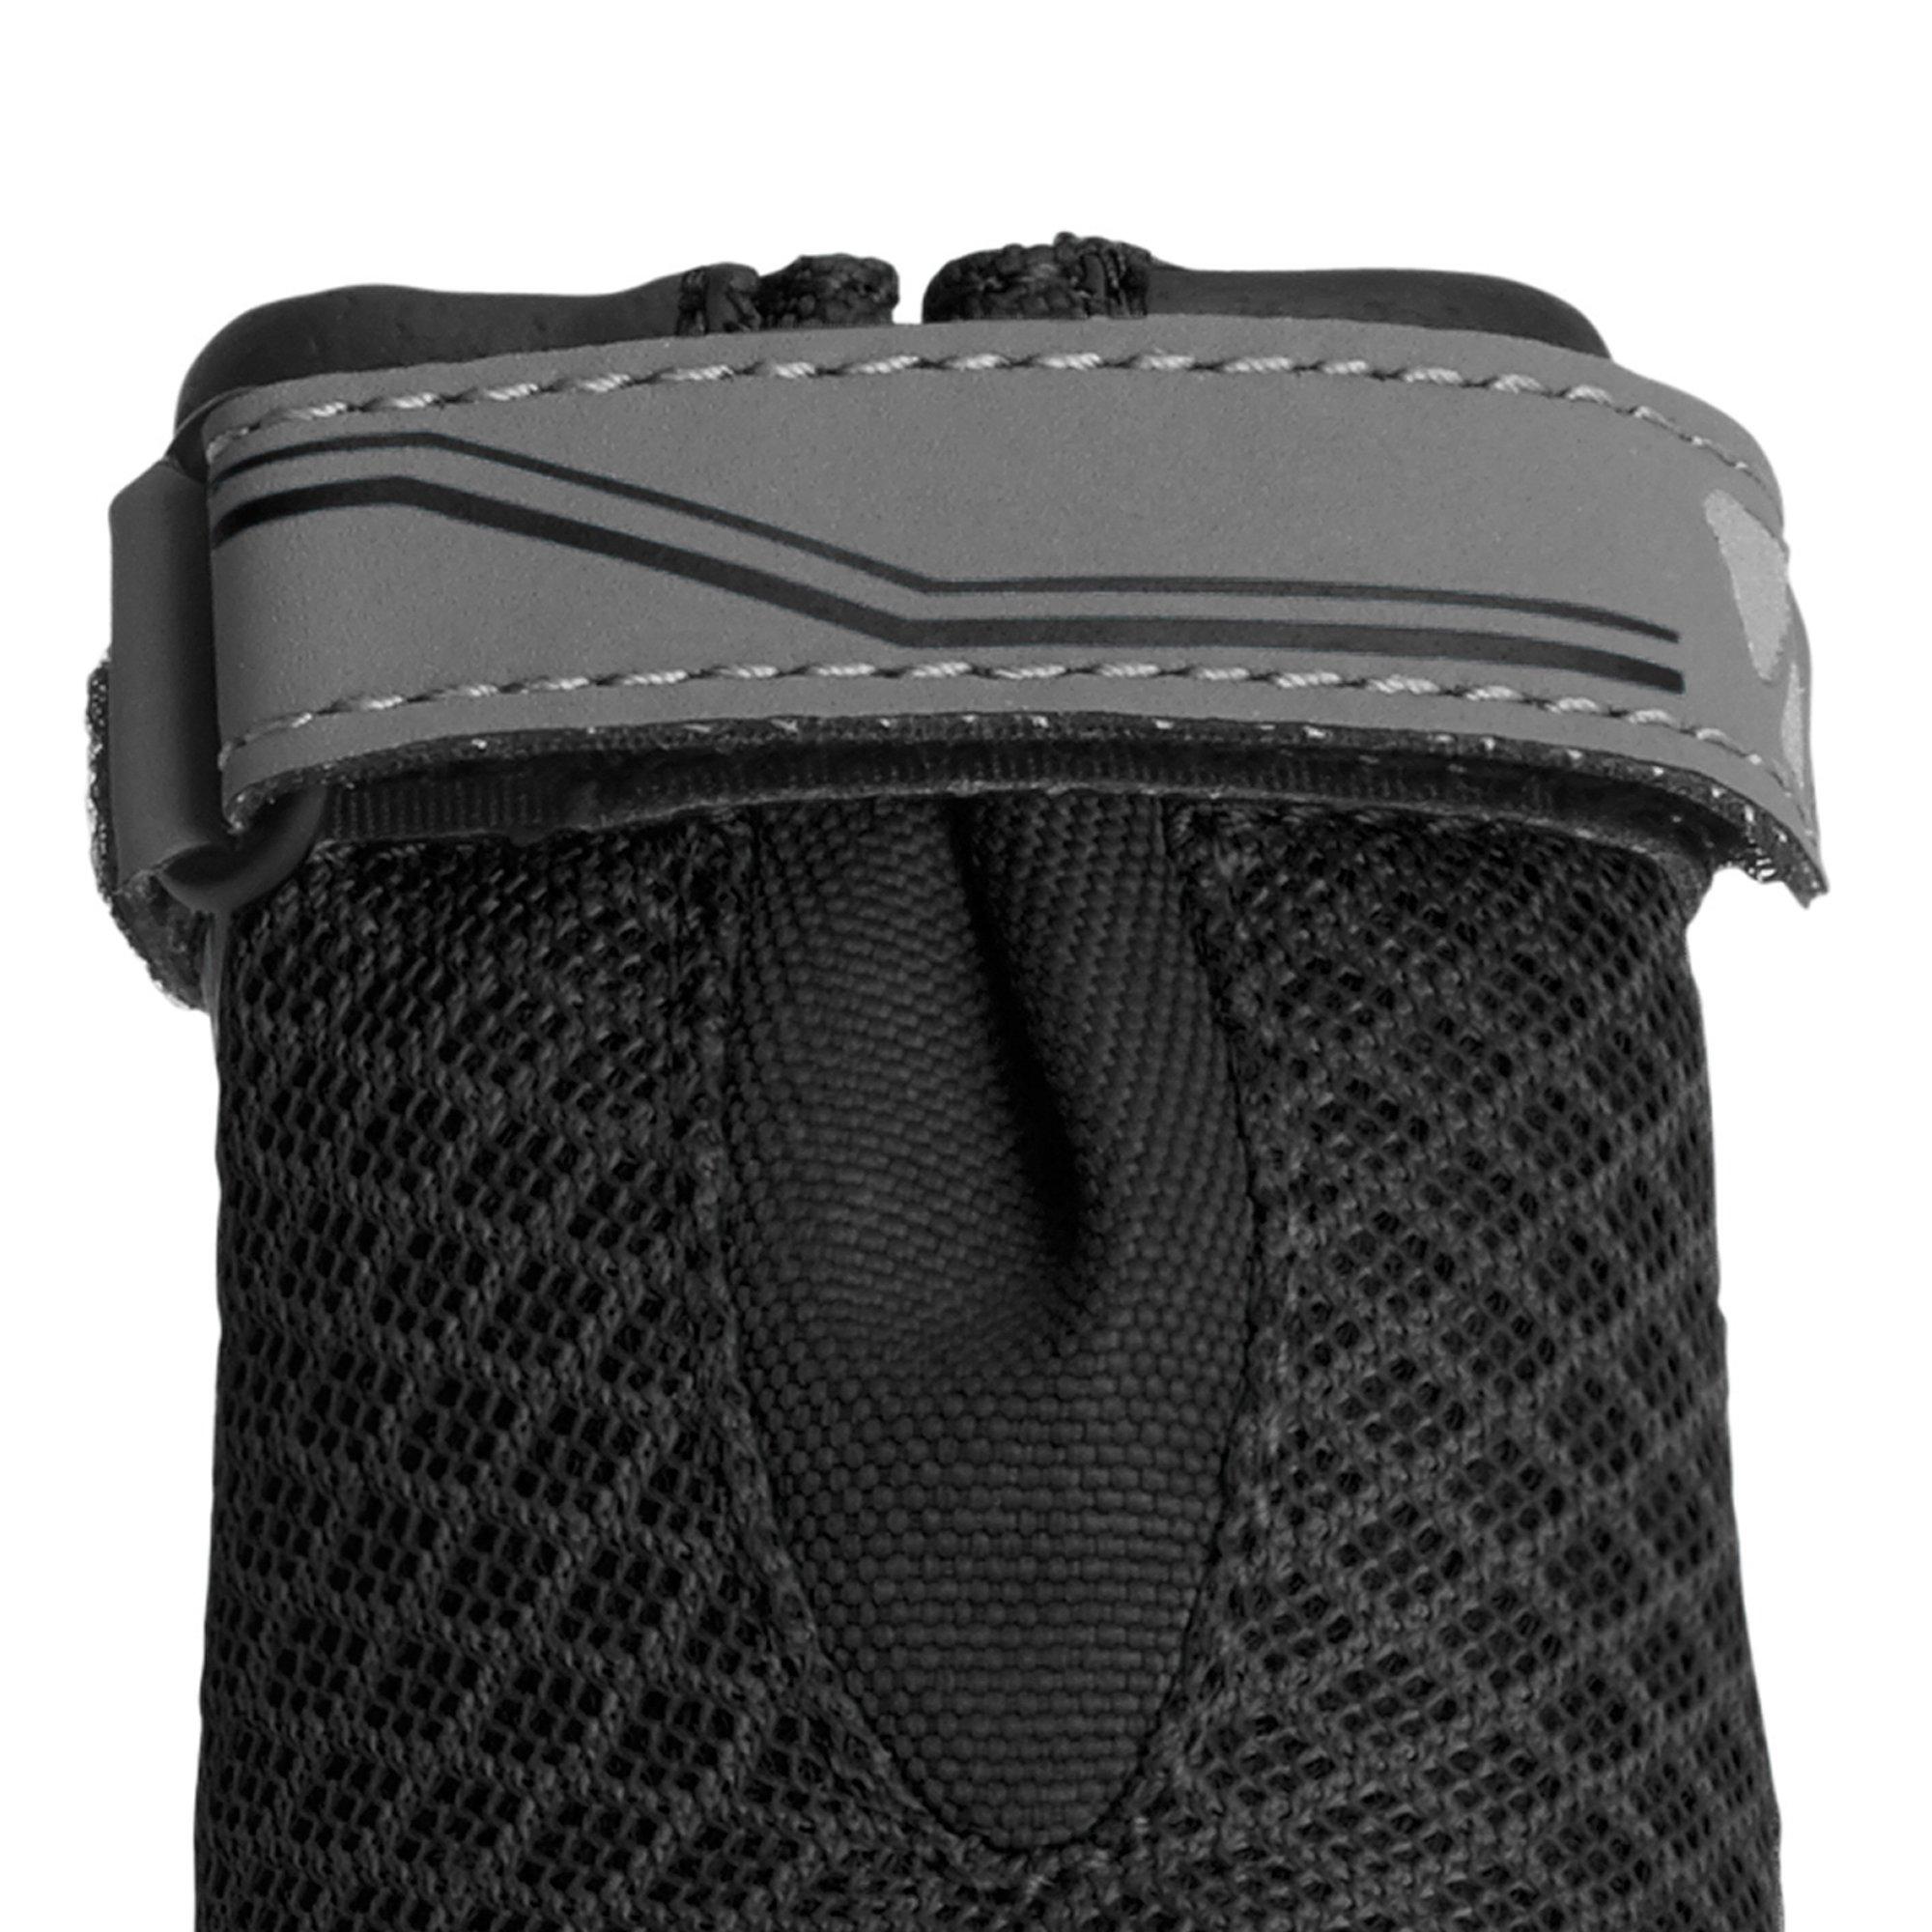 RUFFWEAR 15202-001300 - Grip Trex, All-Terrain Paw Wear for Dogs, Obsidian Black, 3.0 in (Set of 4) by RUFFWEAR (Image #3)